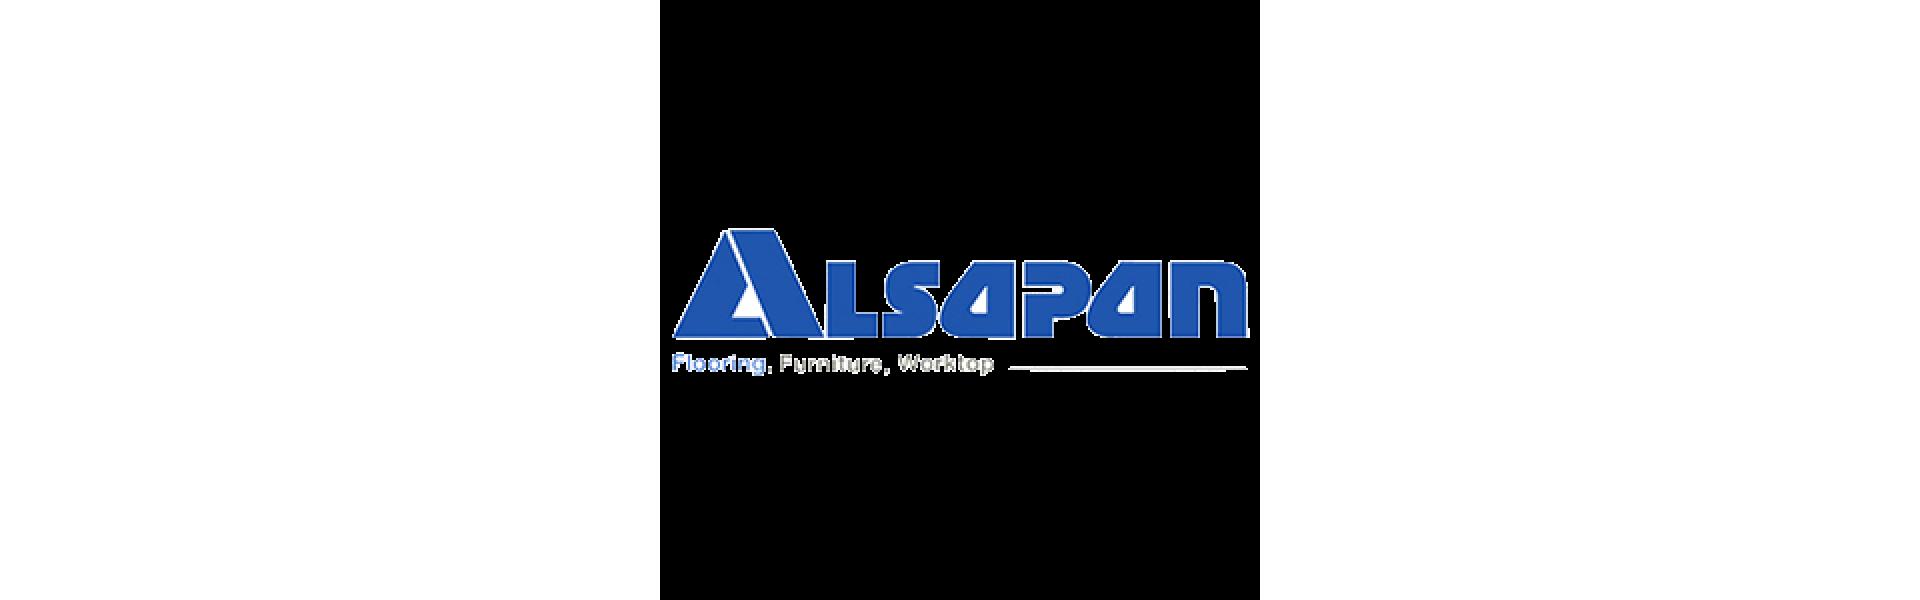 Alsapan – Французский ламинат нового поколения © Parket-Home